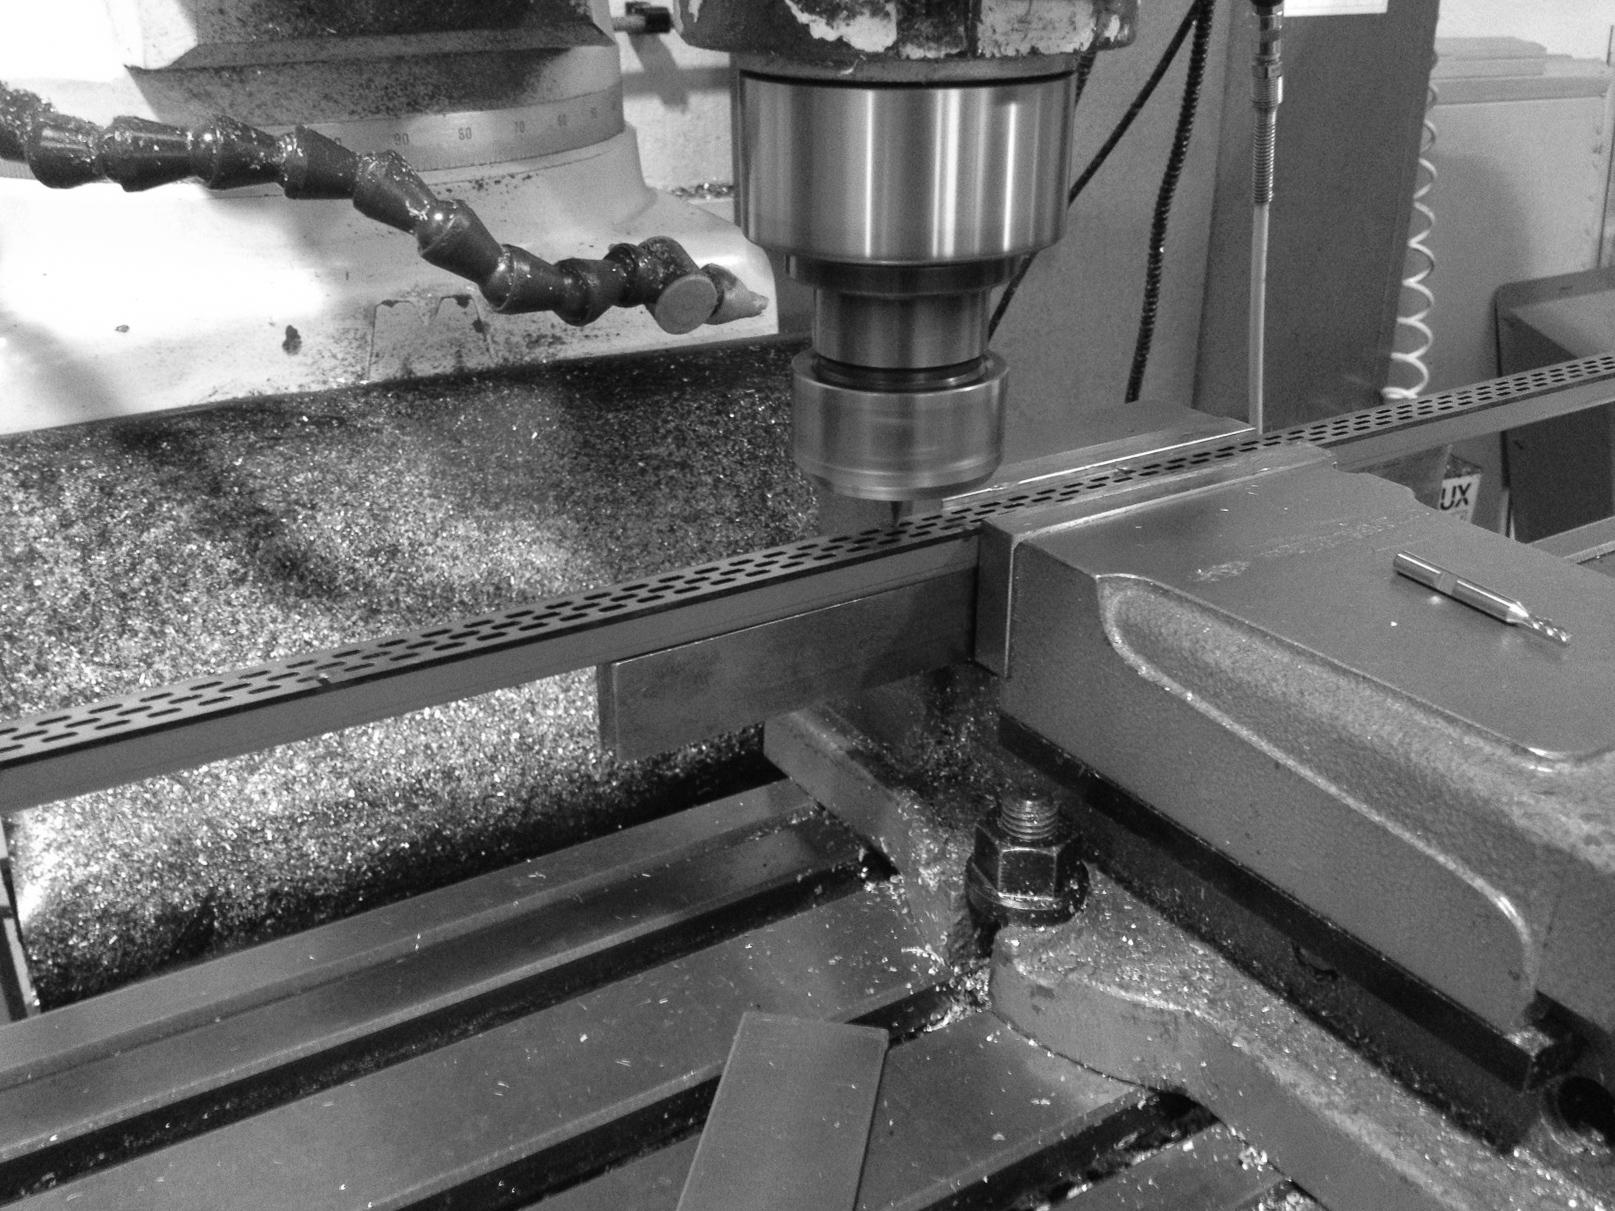 newatt-detalle-fabricación